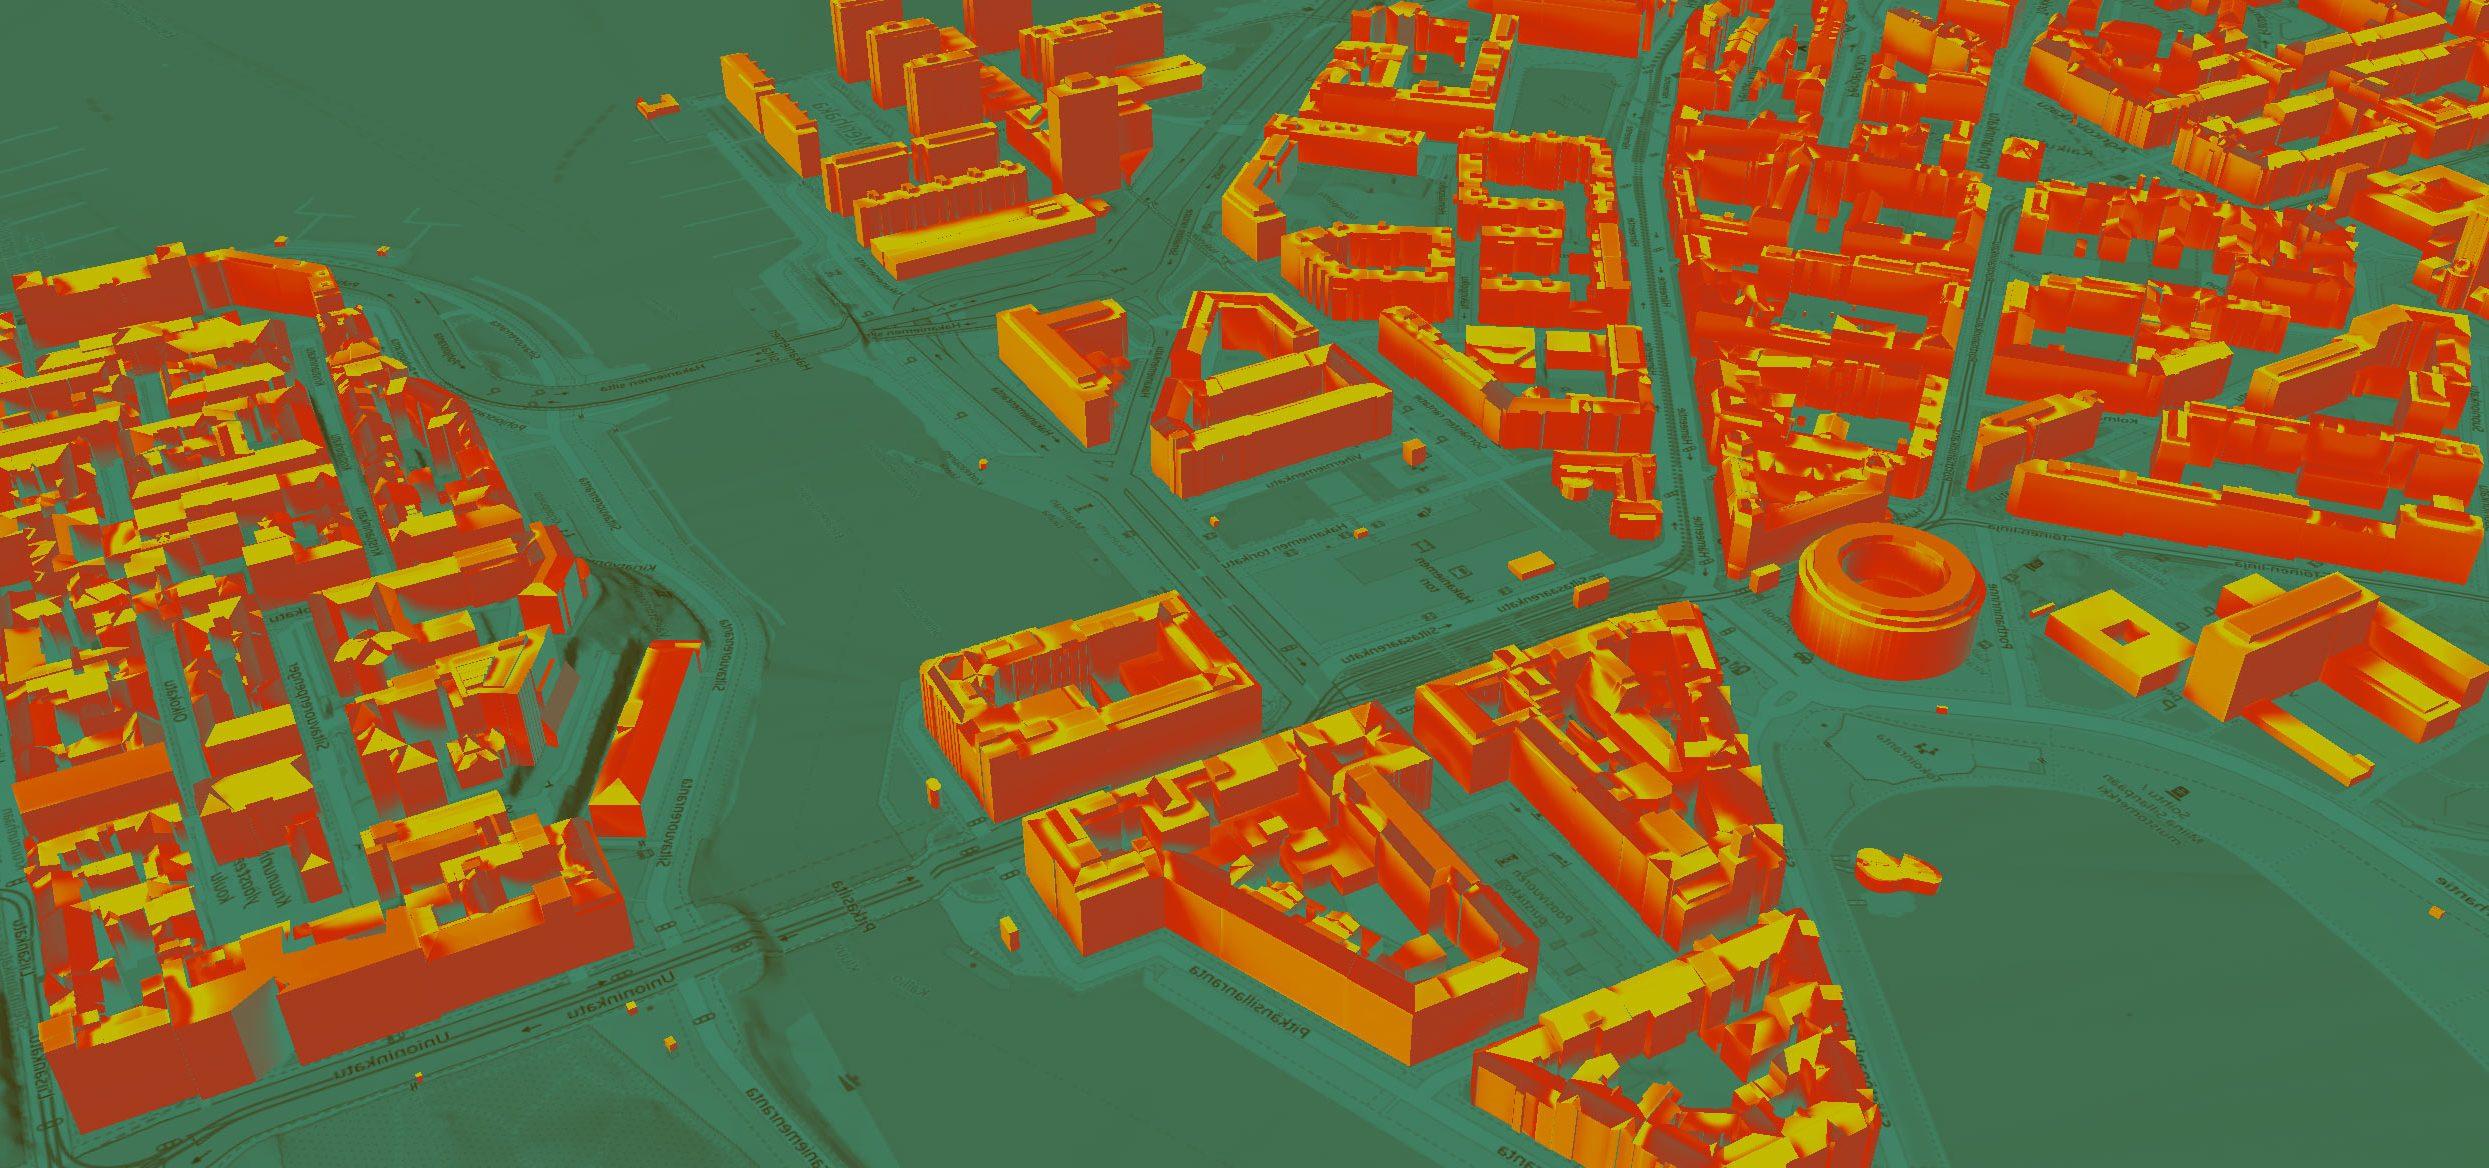 Städtische Simulation in der Stadt xxxx